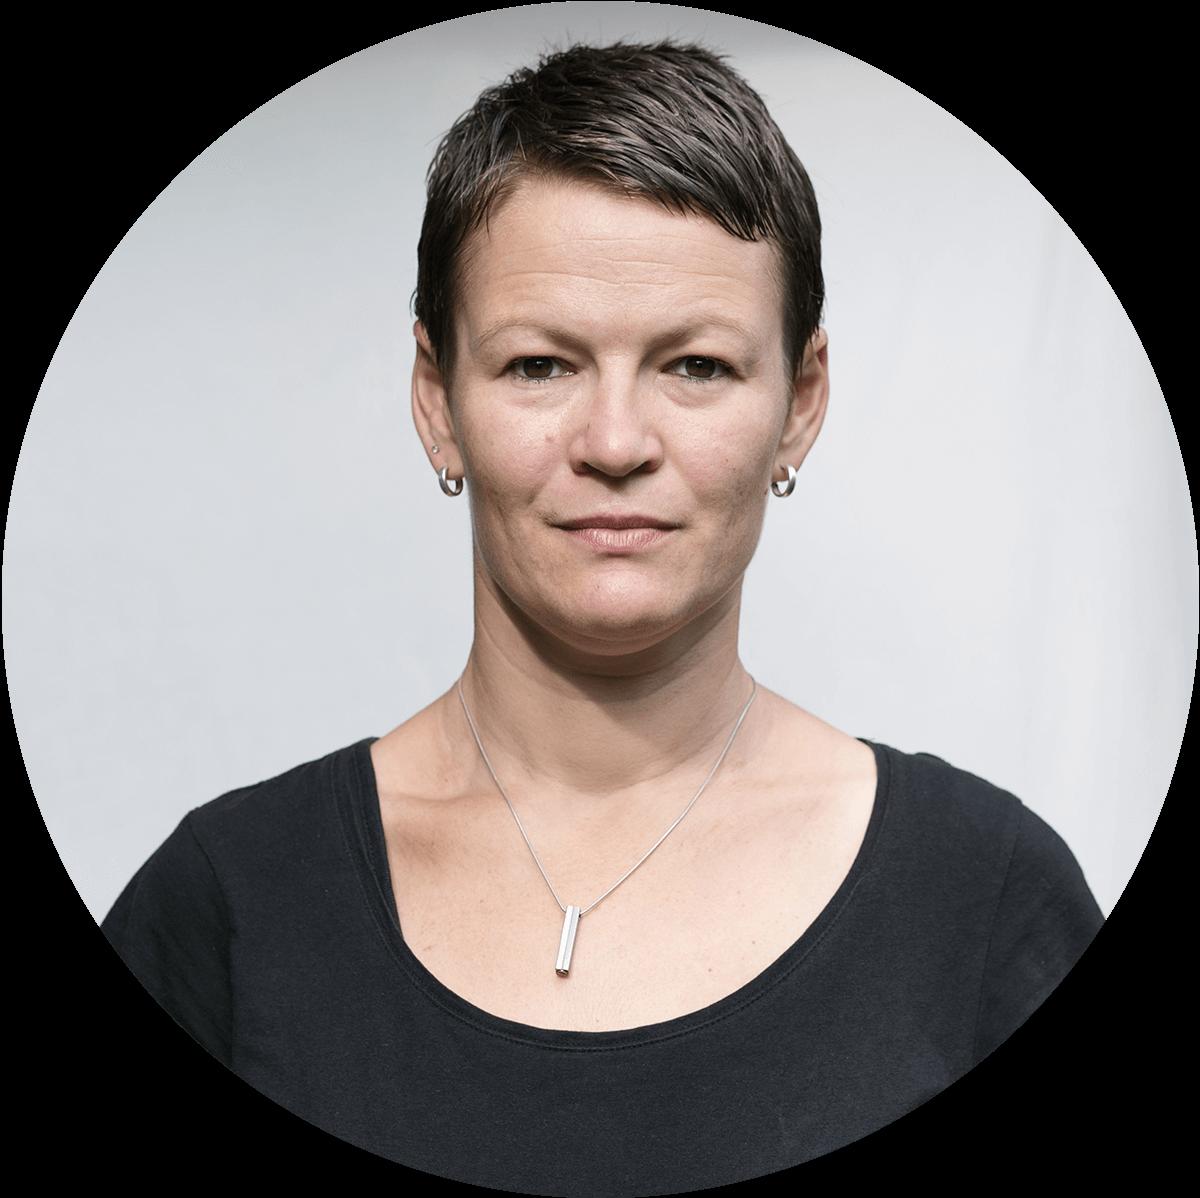 Stefanie Weinert